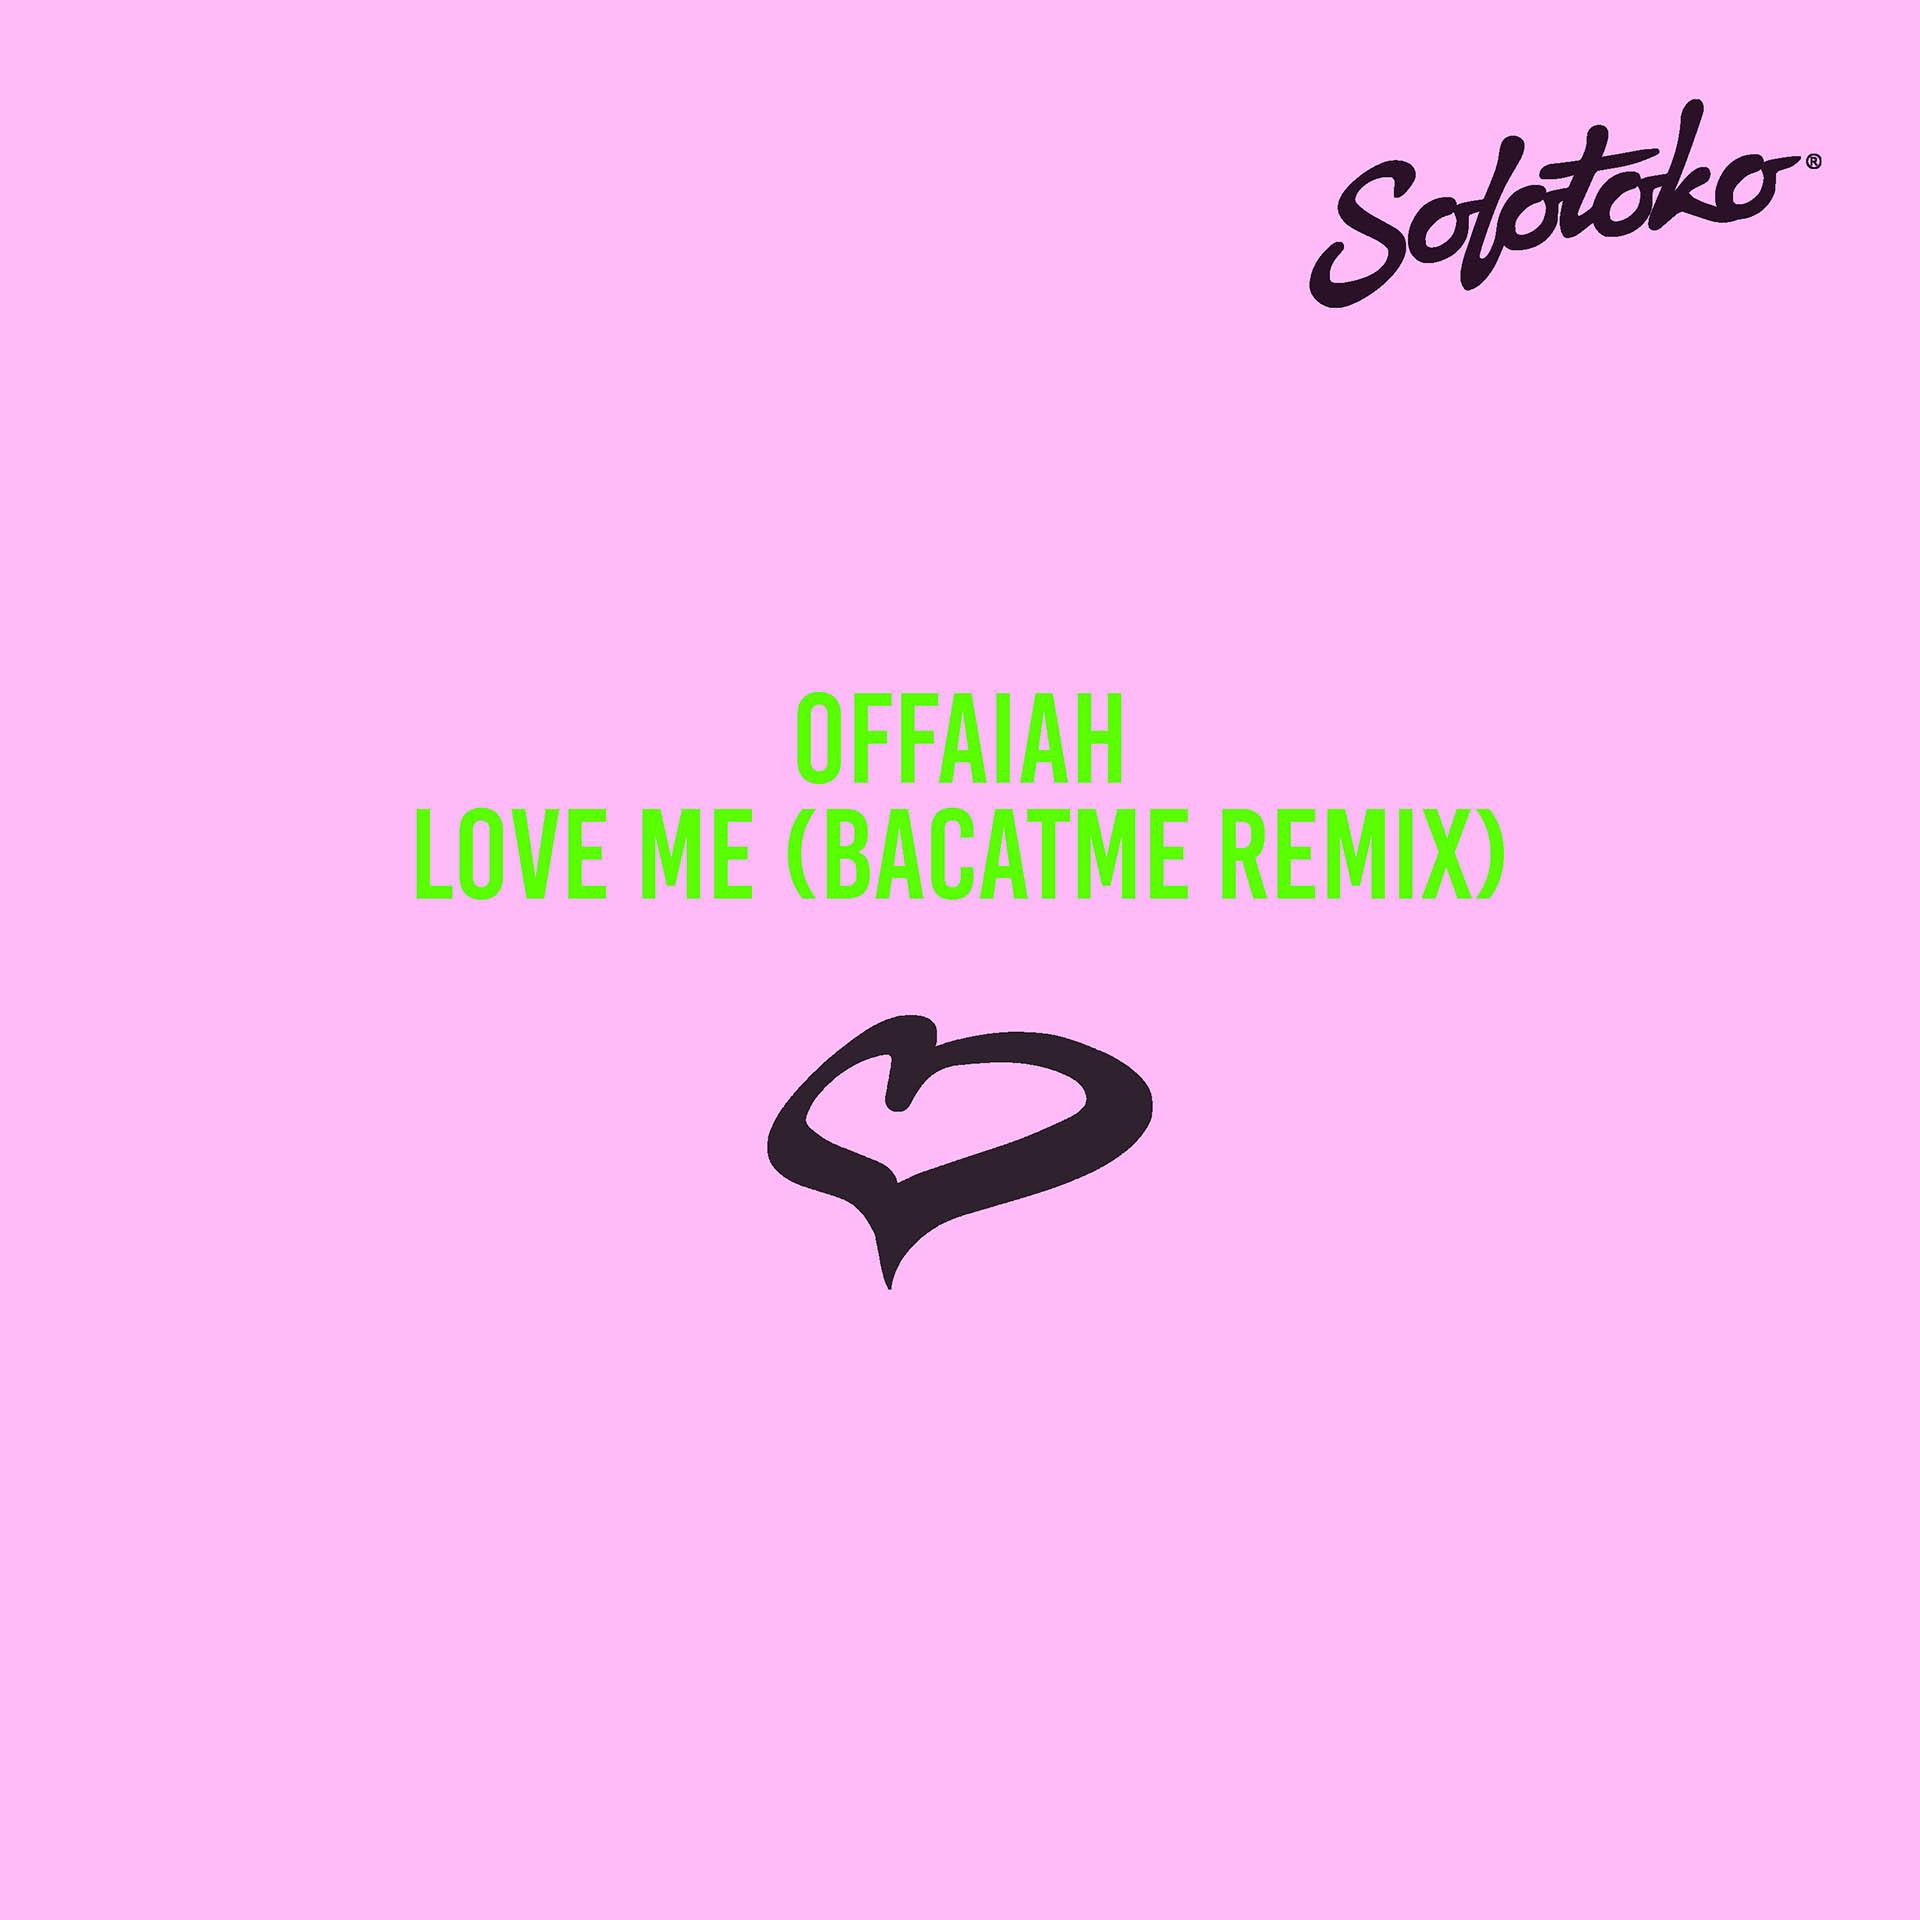 OFFAIAH - LOVE ME